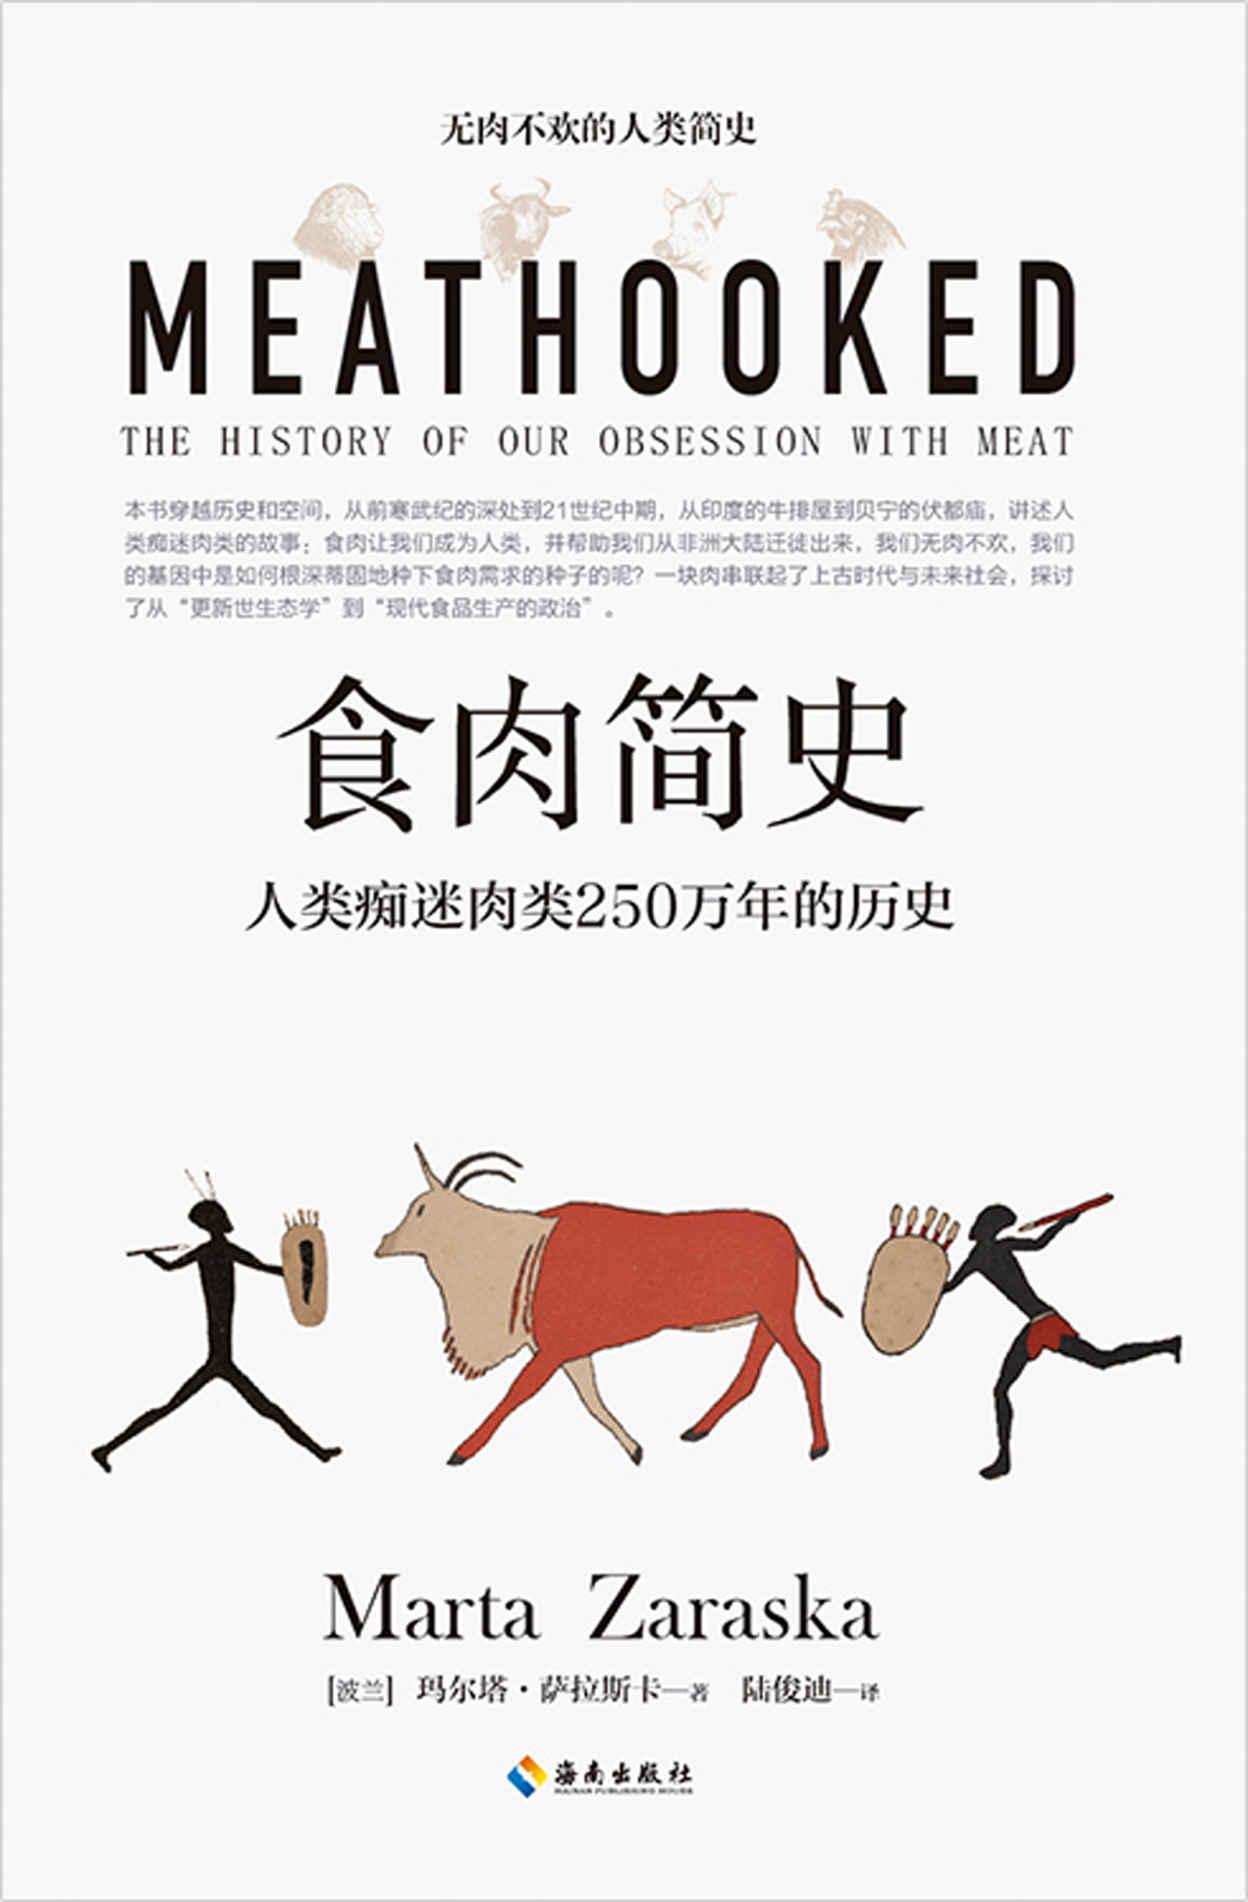 食肉简史—玛尔塔·萨拉斯卡—pdf+mobi+epub+txt+azw3电子书下载